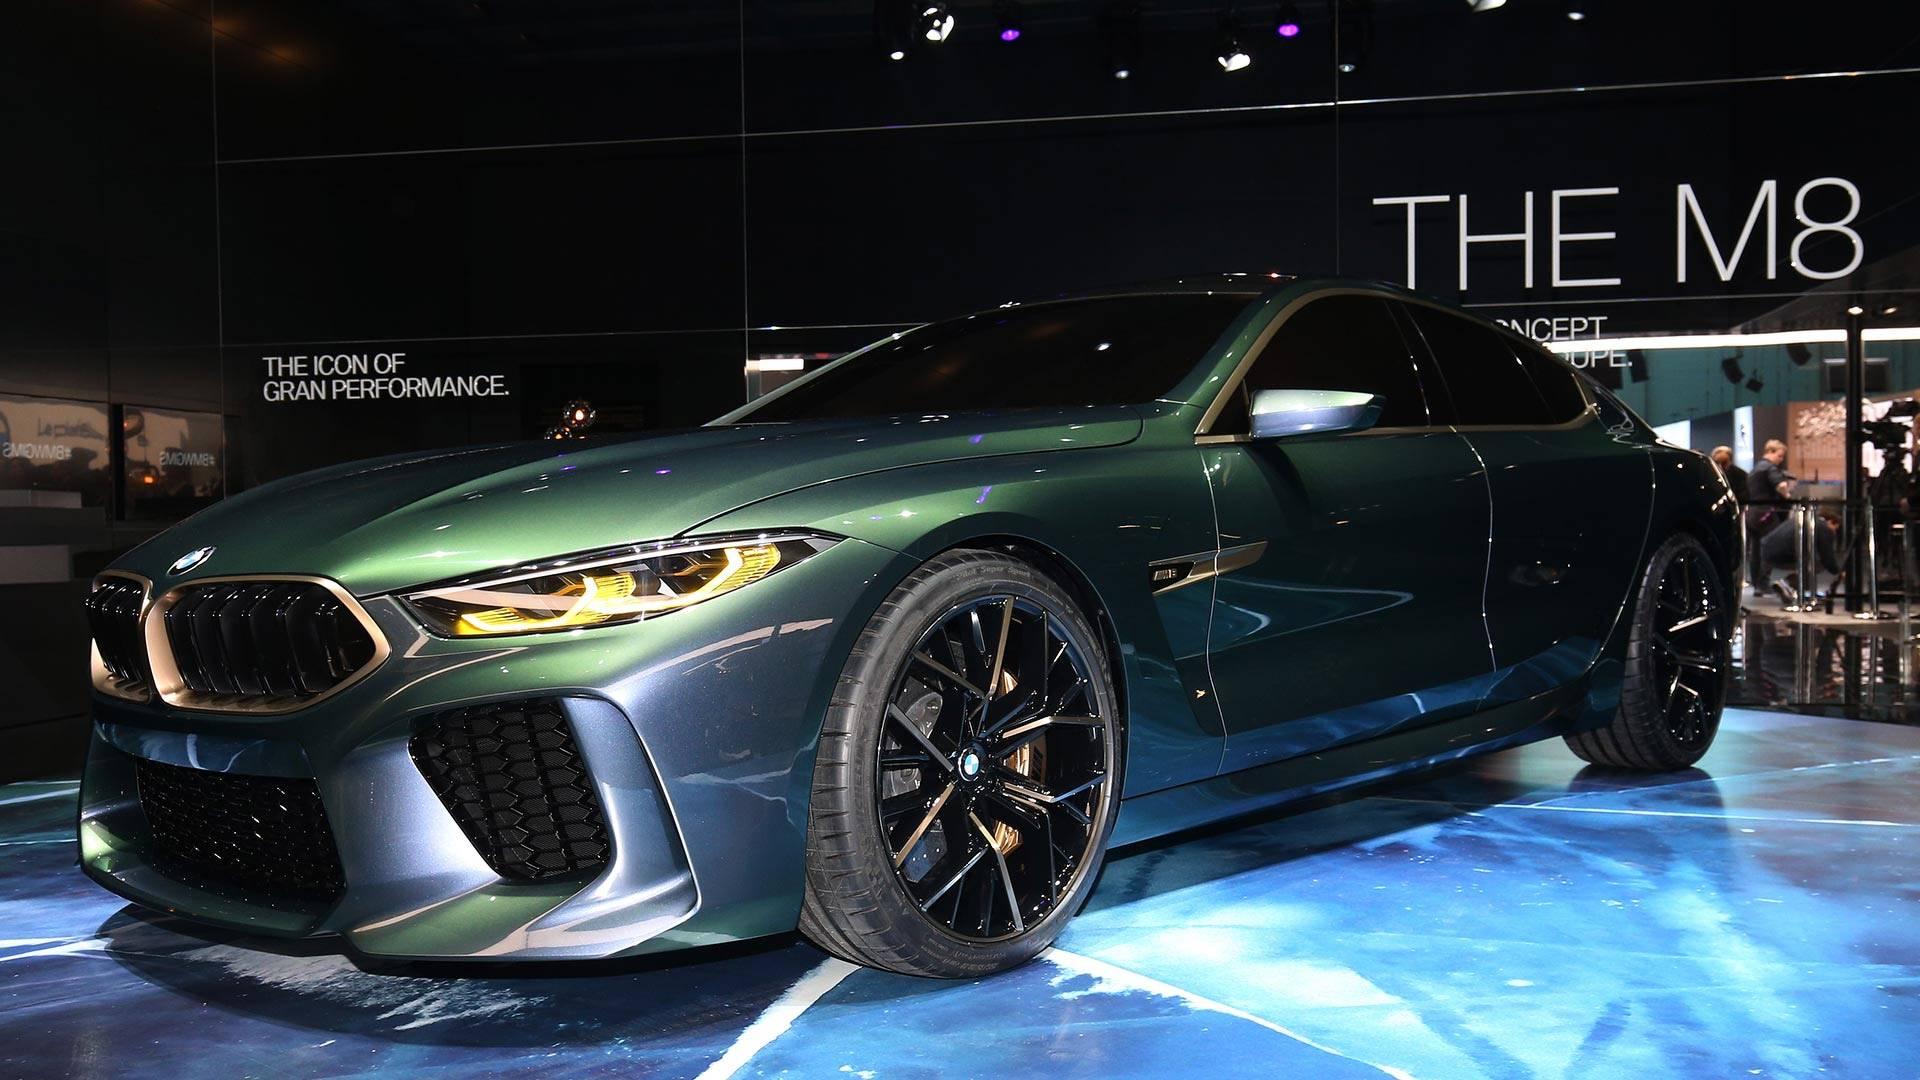 На конвейер автомобиль встанет в будущем году, однако о его стоимости пока ничего не известно